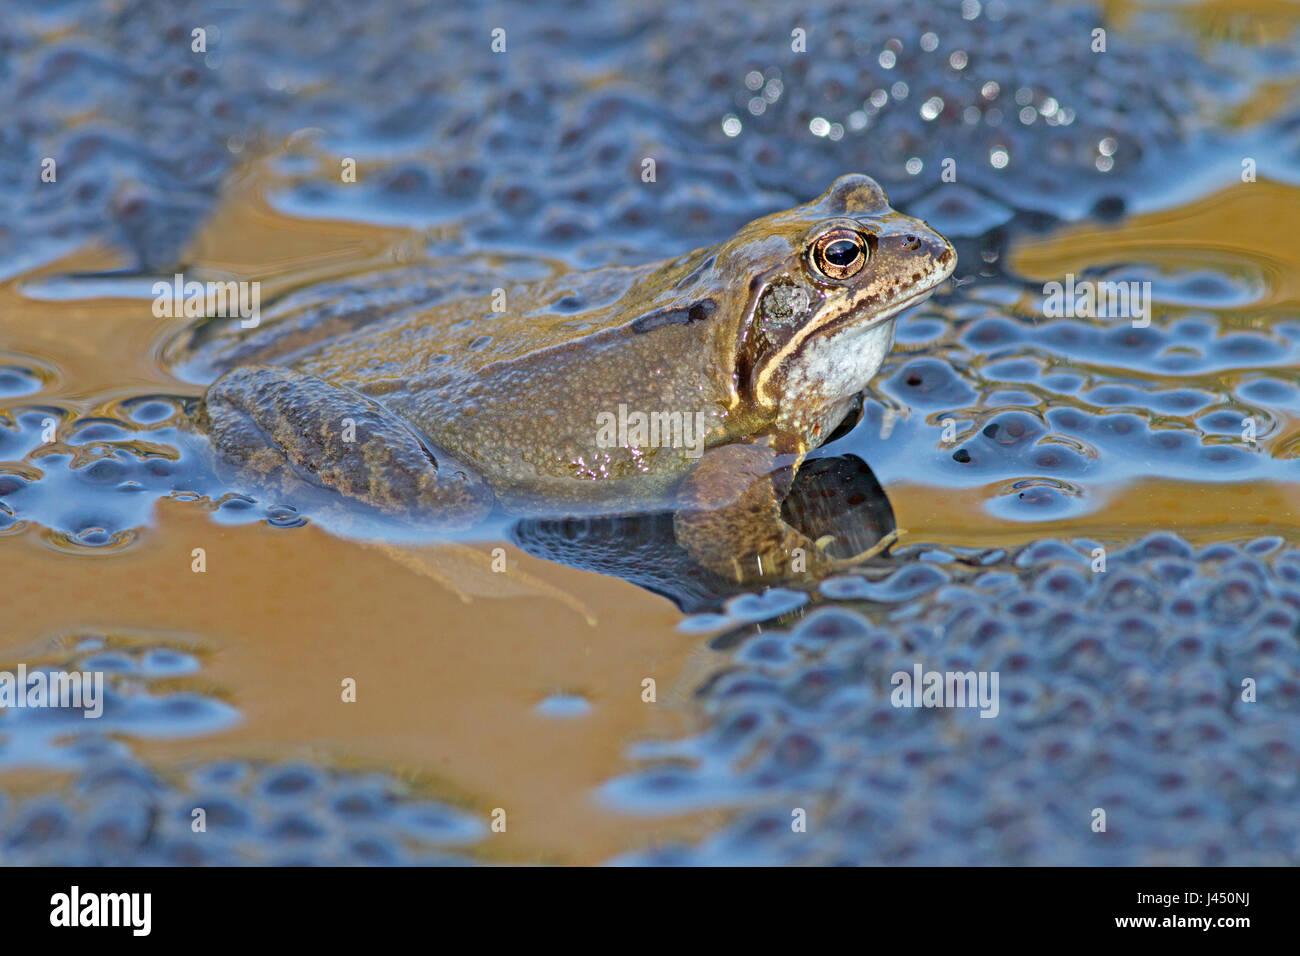 gemeinsamen Frosch männlich auf Frosch-Laich während der Paarung Stockbild